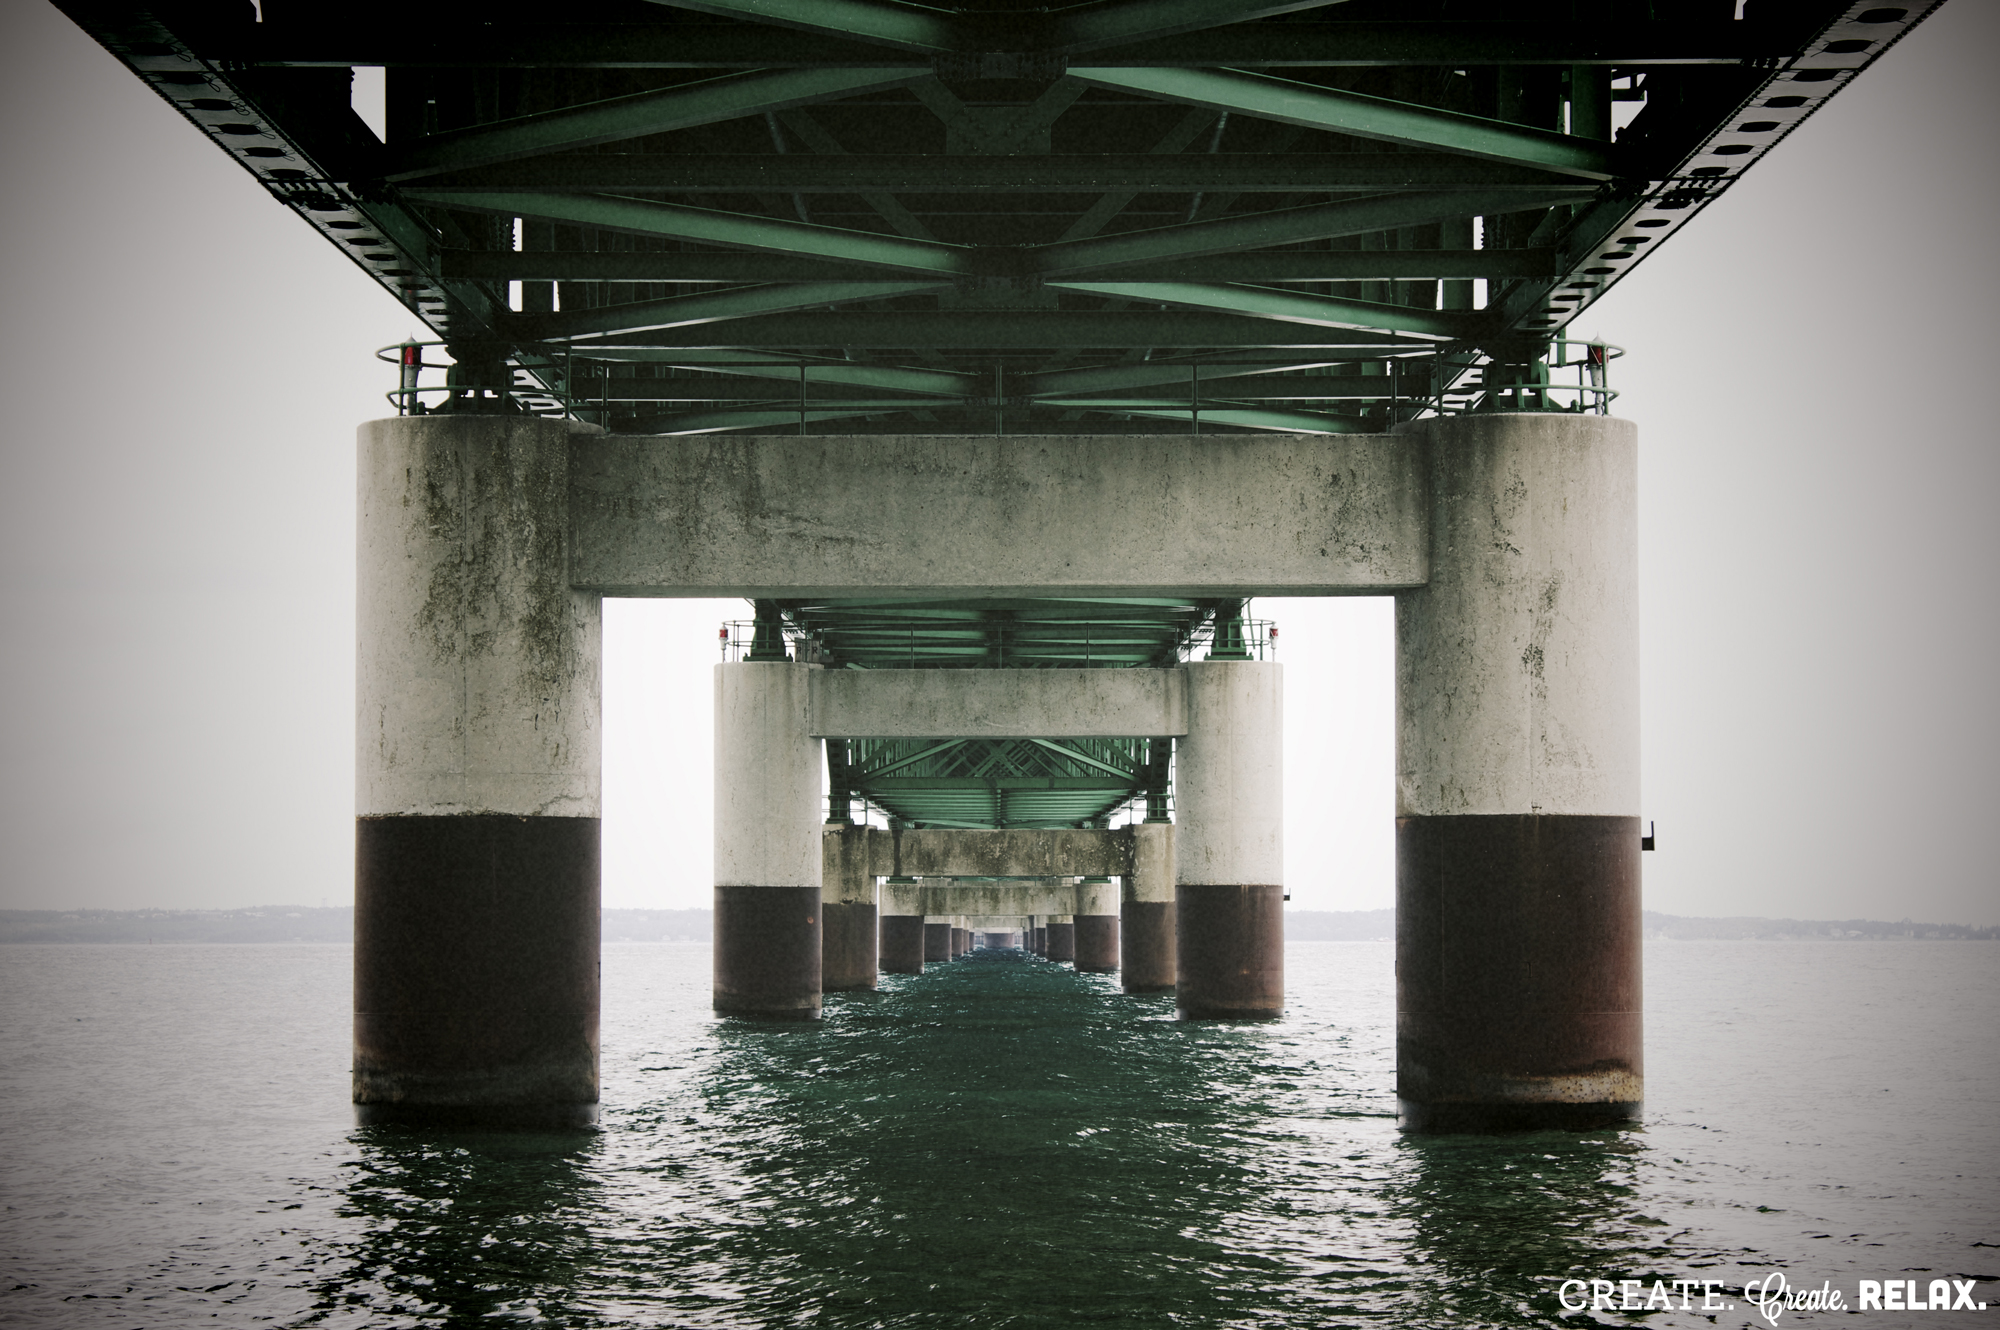 Under the Mackinaw Bridge, Michigan